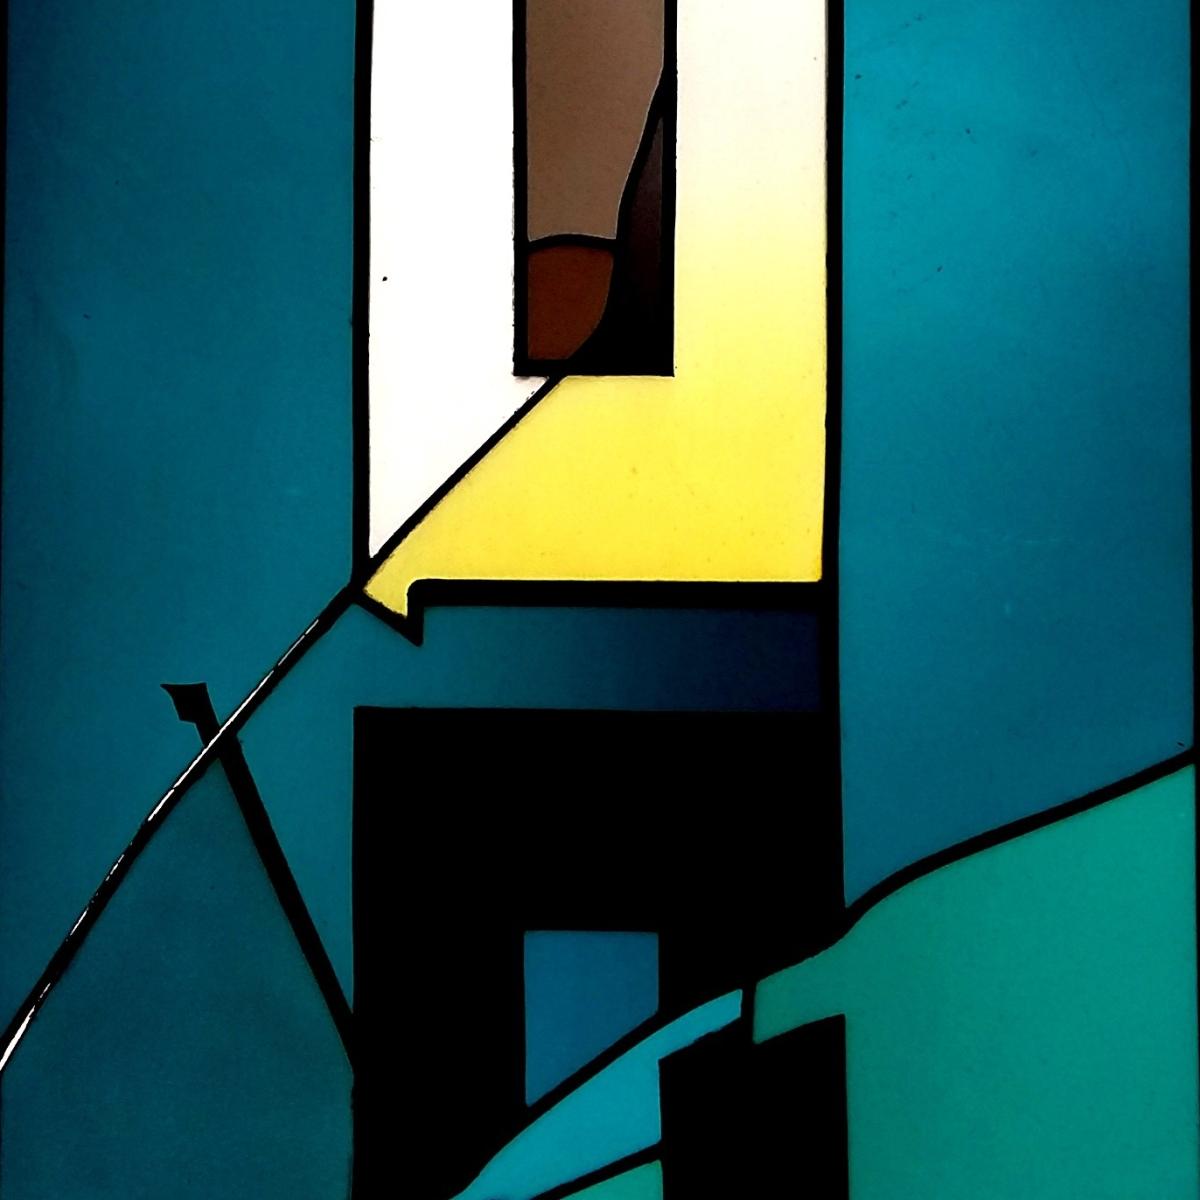 Kirchenfenster Fachbegriff